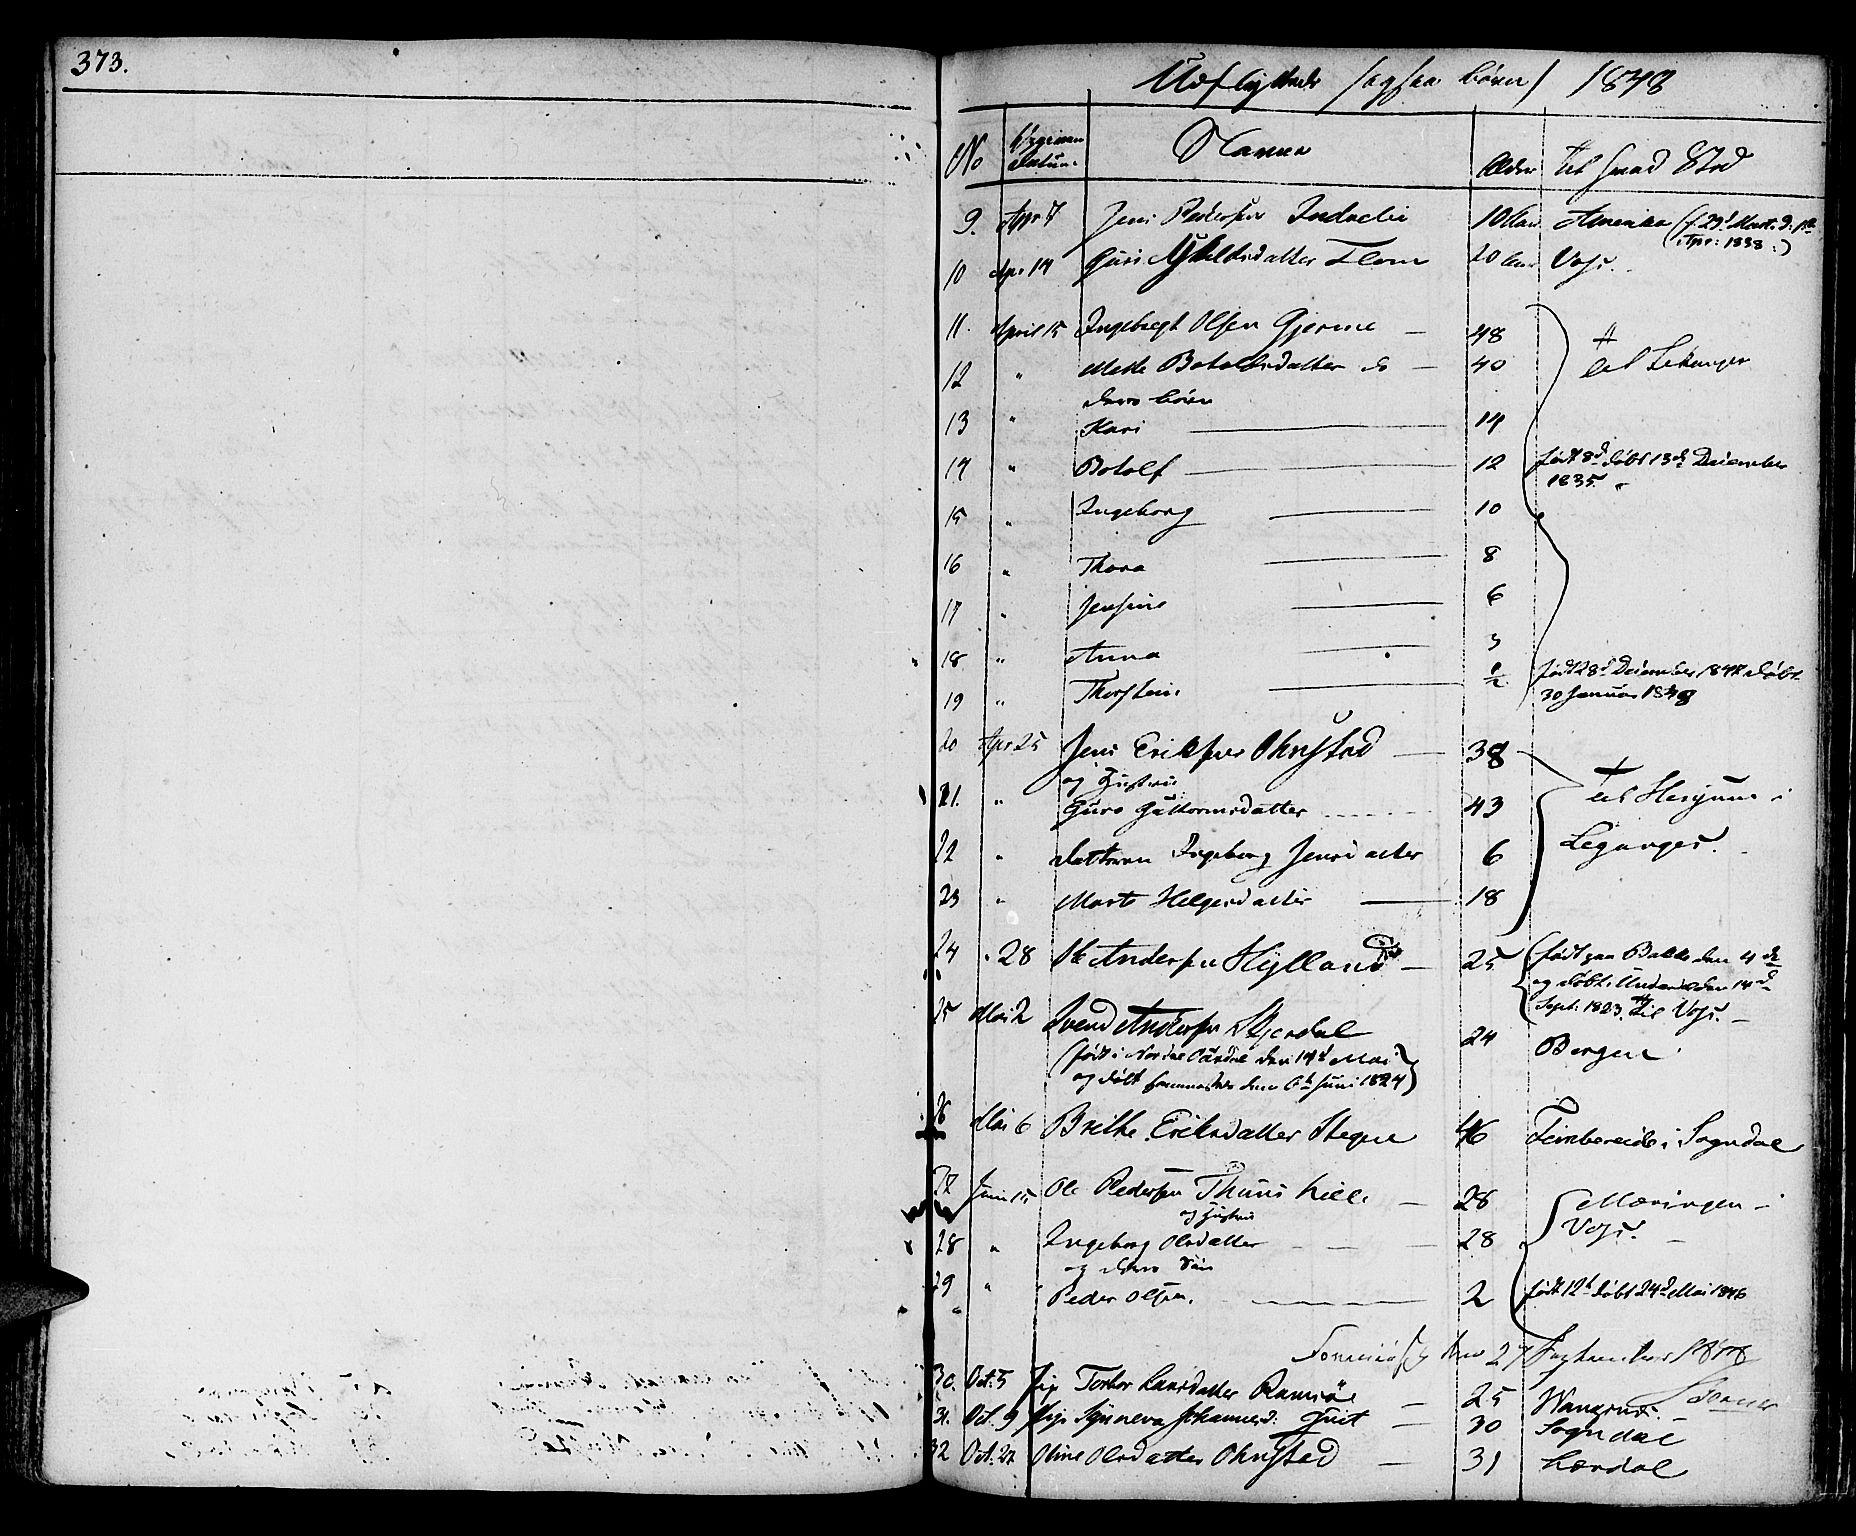 SAB, Aurland Sokneprestembete*, Ministerialbok nr. A 6, 1821-1859, s. 373